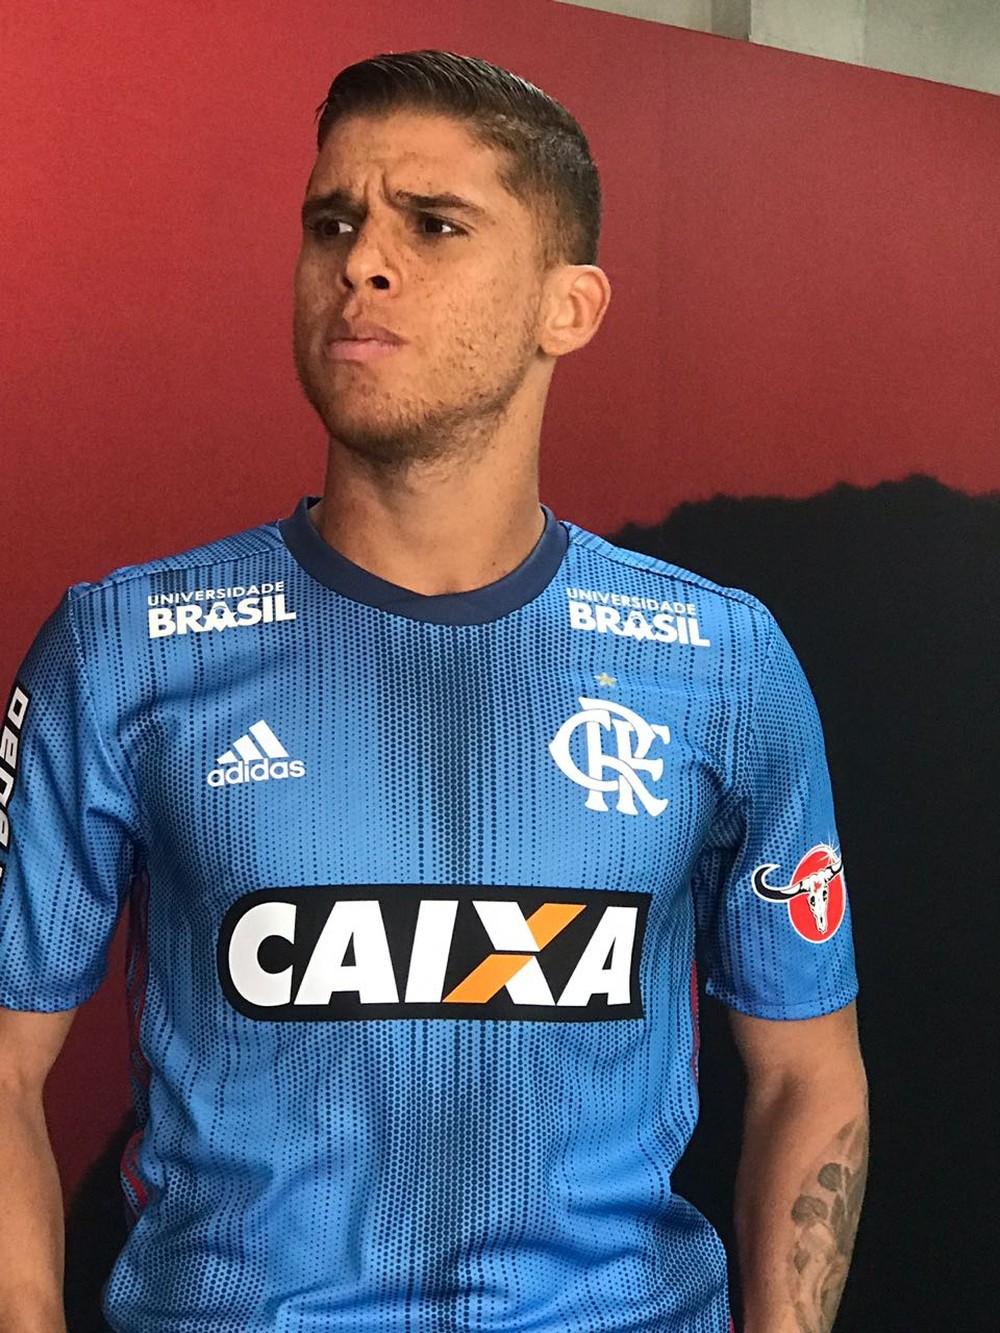 Nova camisa é produzida por meio de plásticos retirados do oceano e cor é  alusão às praias cariocas. O Flamengo ganhou ... 1f5041362d545